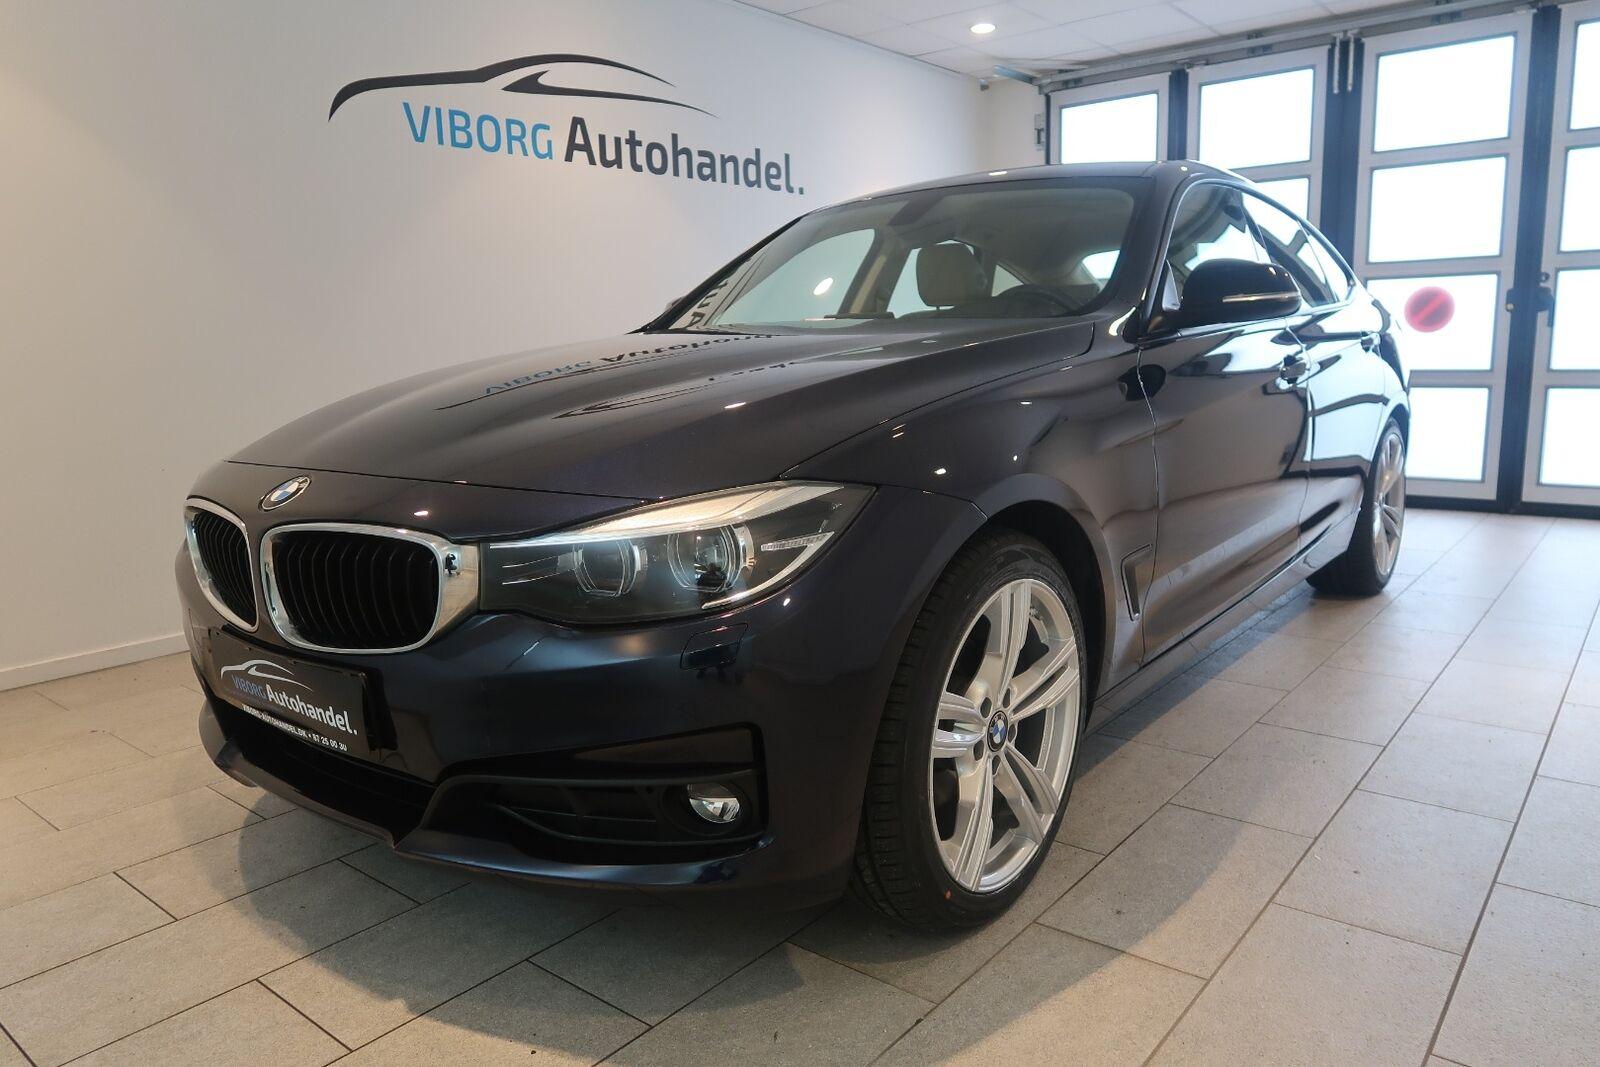 BMW 320d 2,0 Gran Turismo aut. 5d - 279.700 kr.